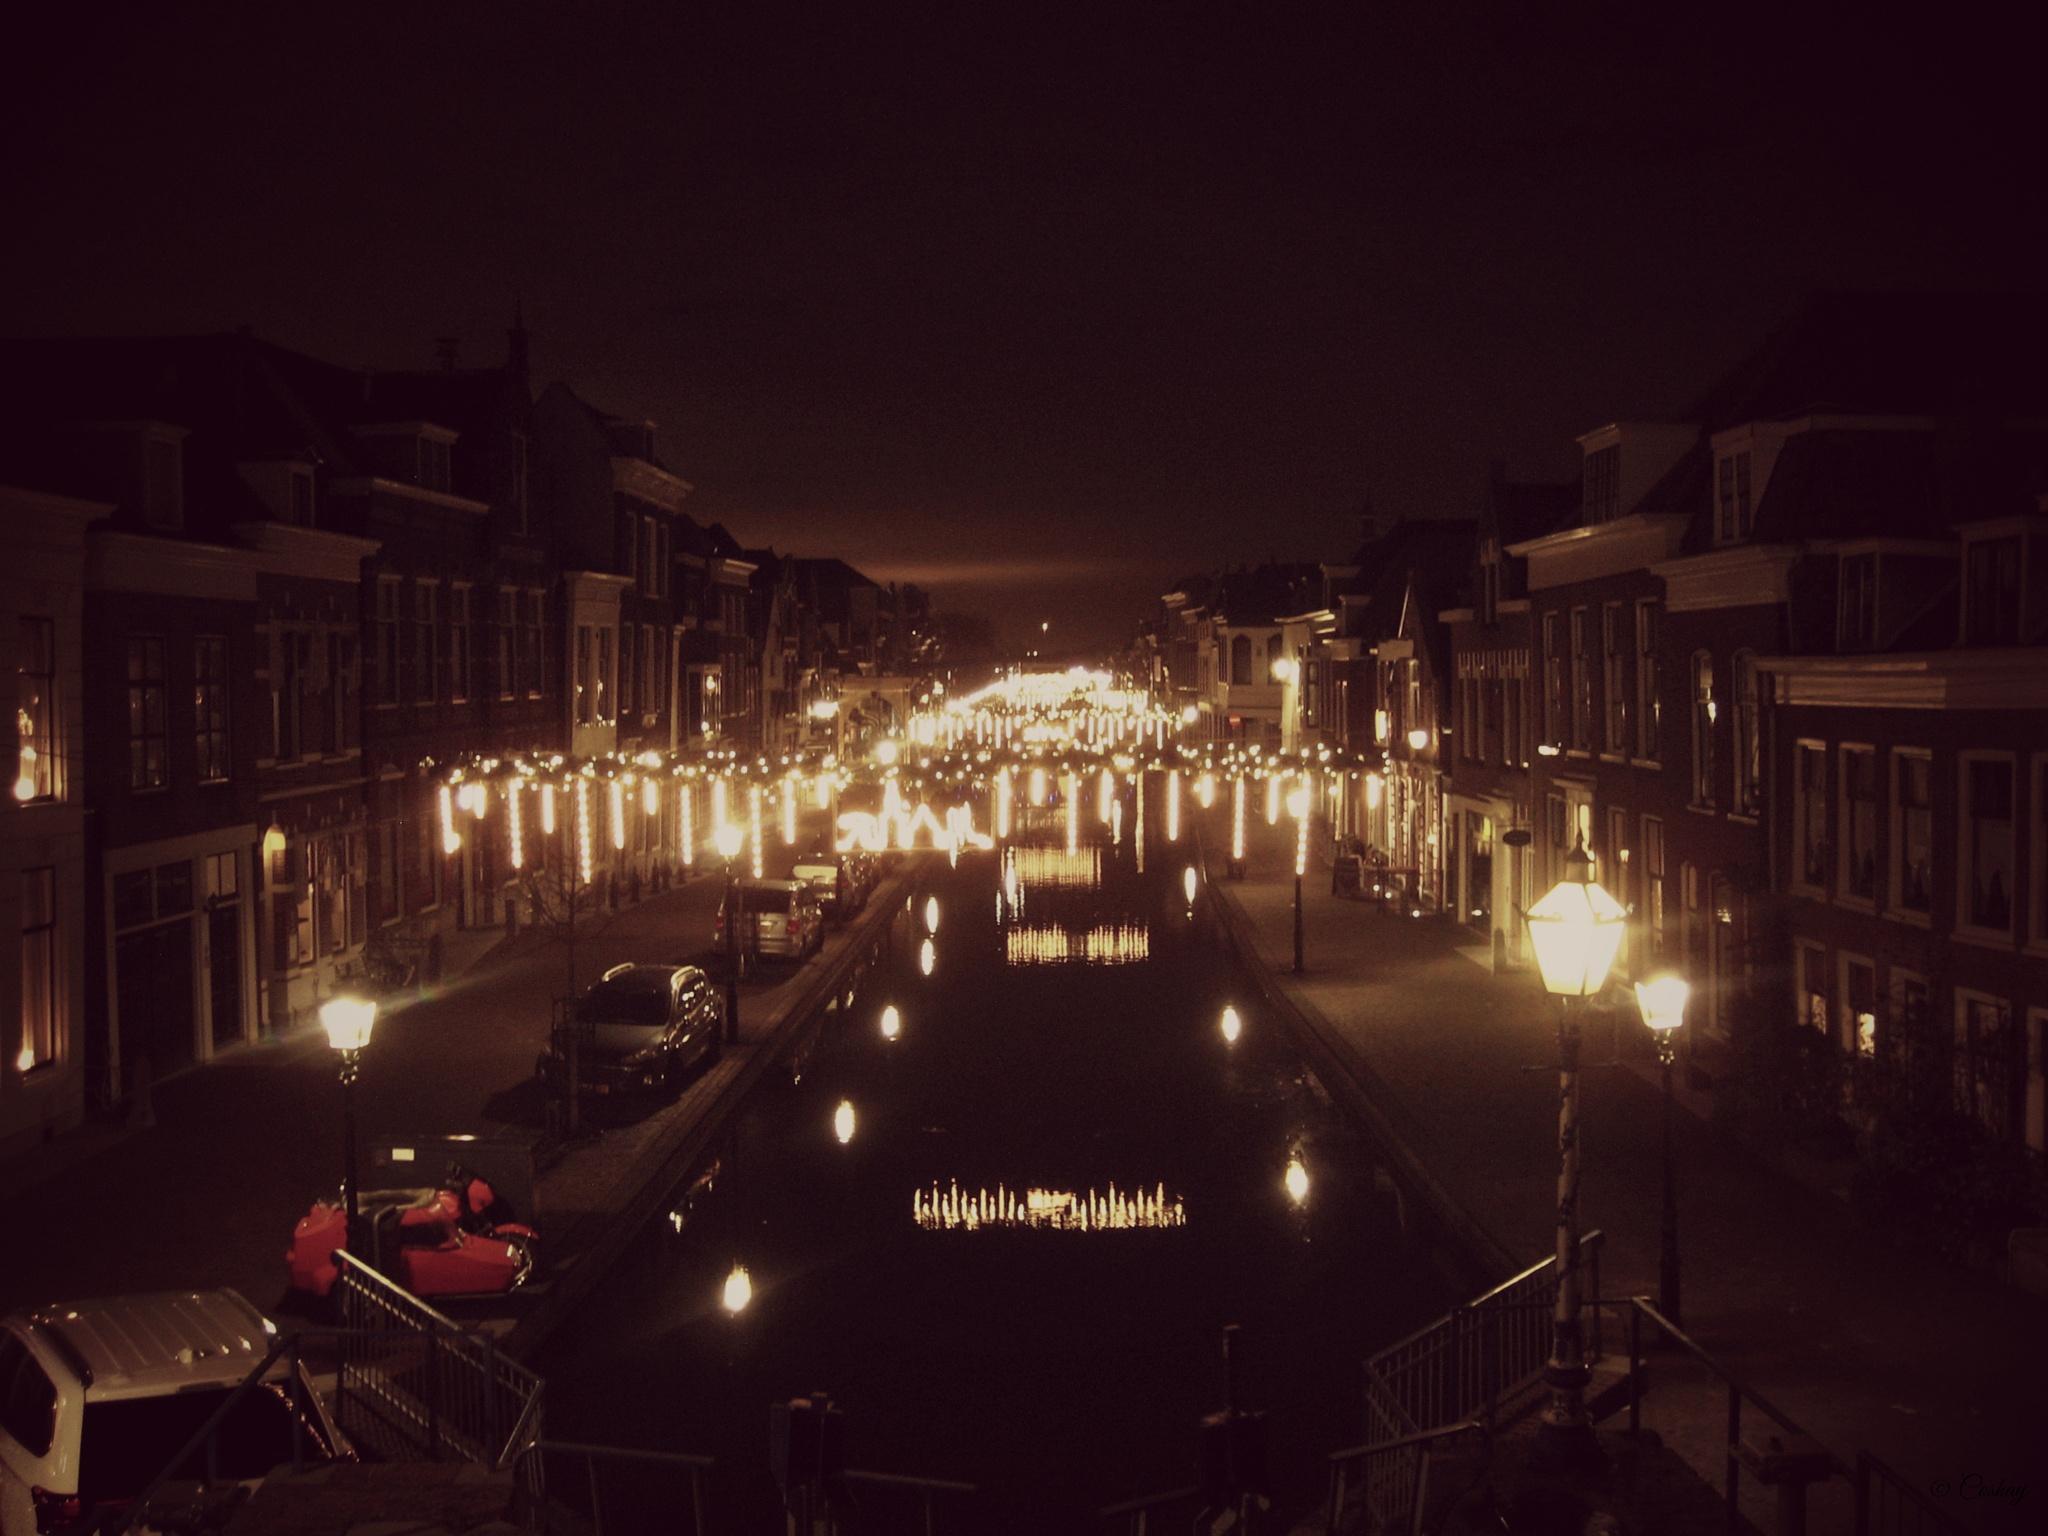 Maassluis by night by Corrie Albers